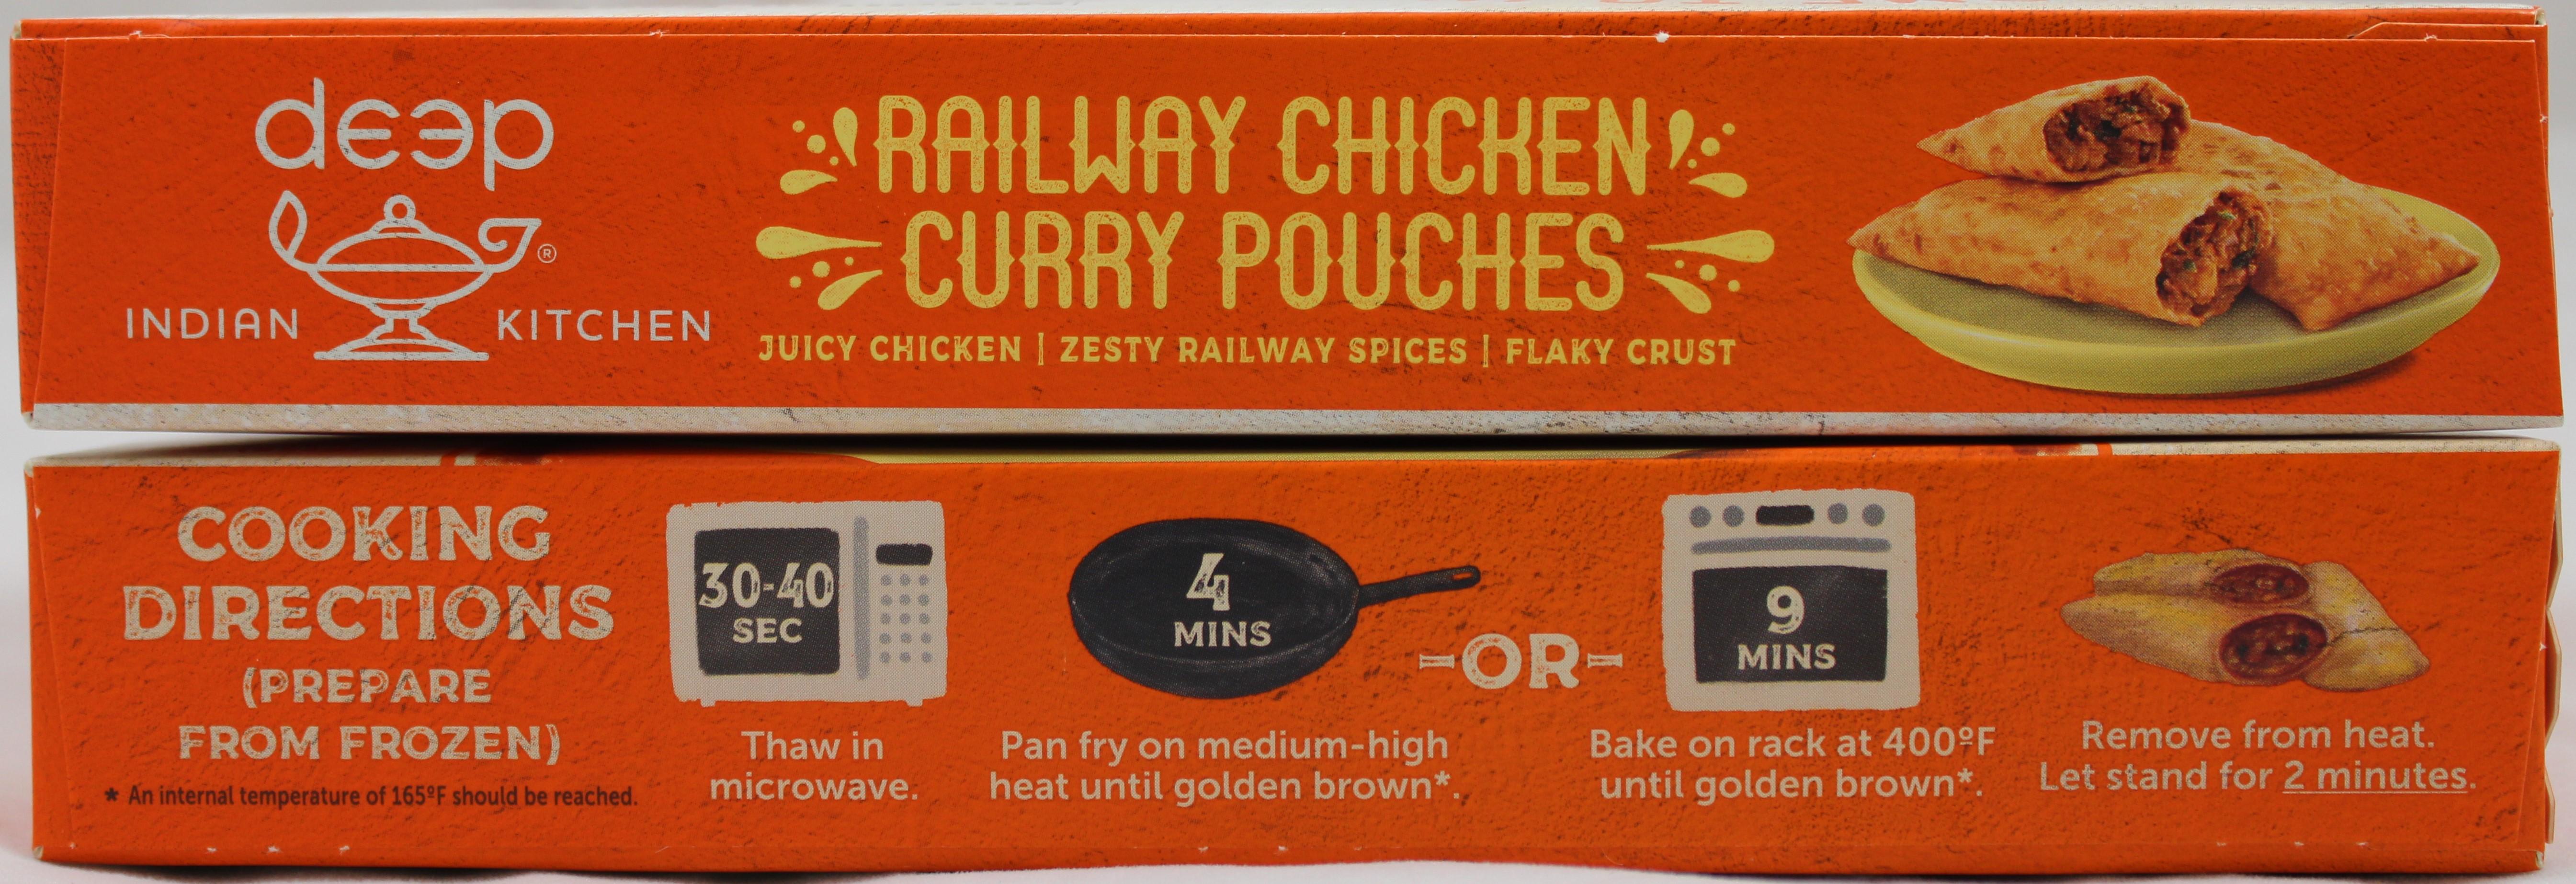 Railway Chicken Curry Kati Pkt 8oz.